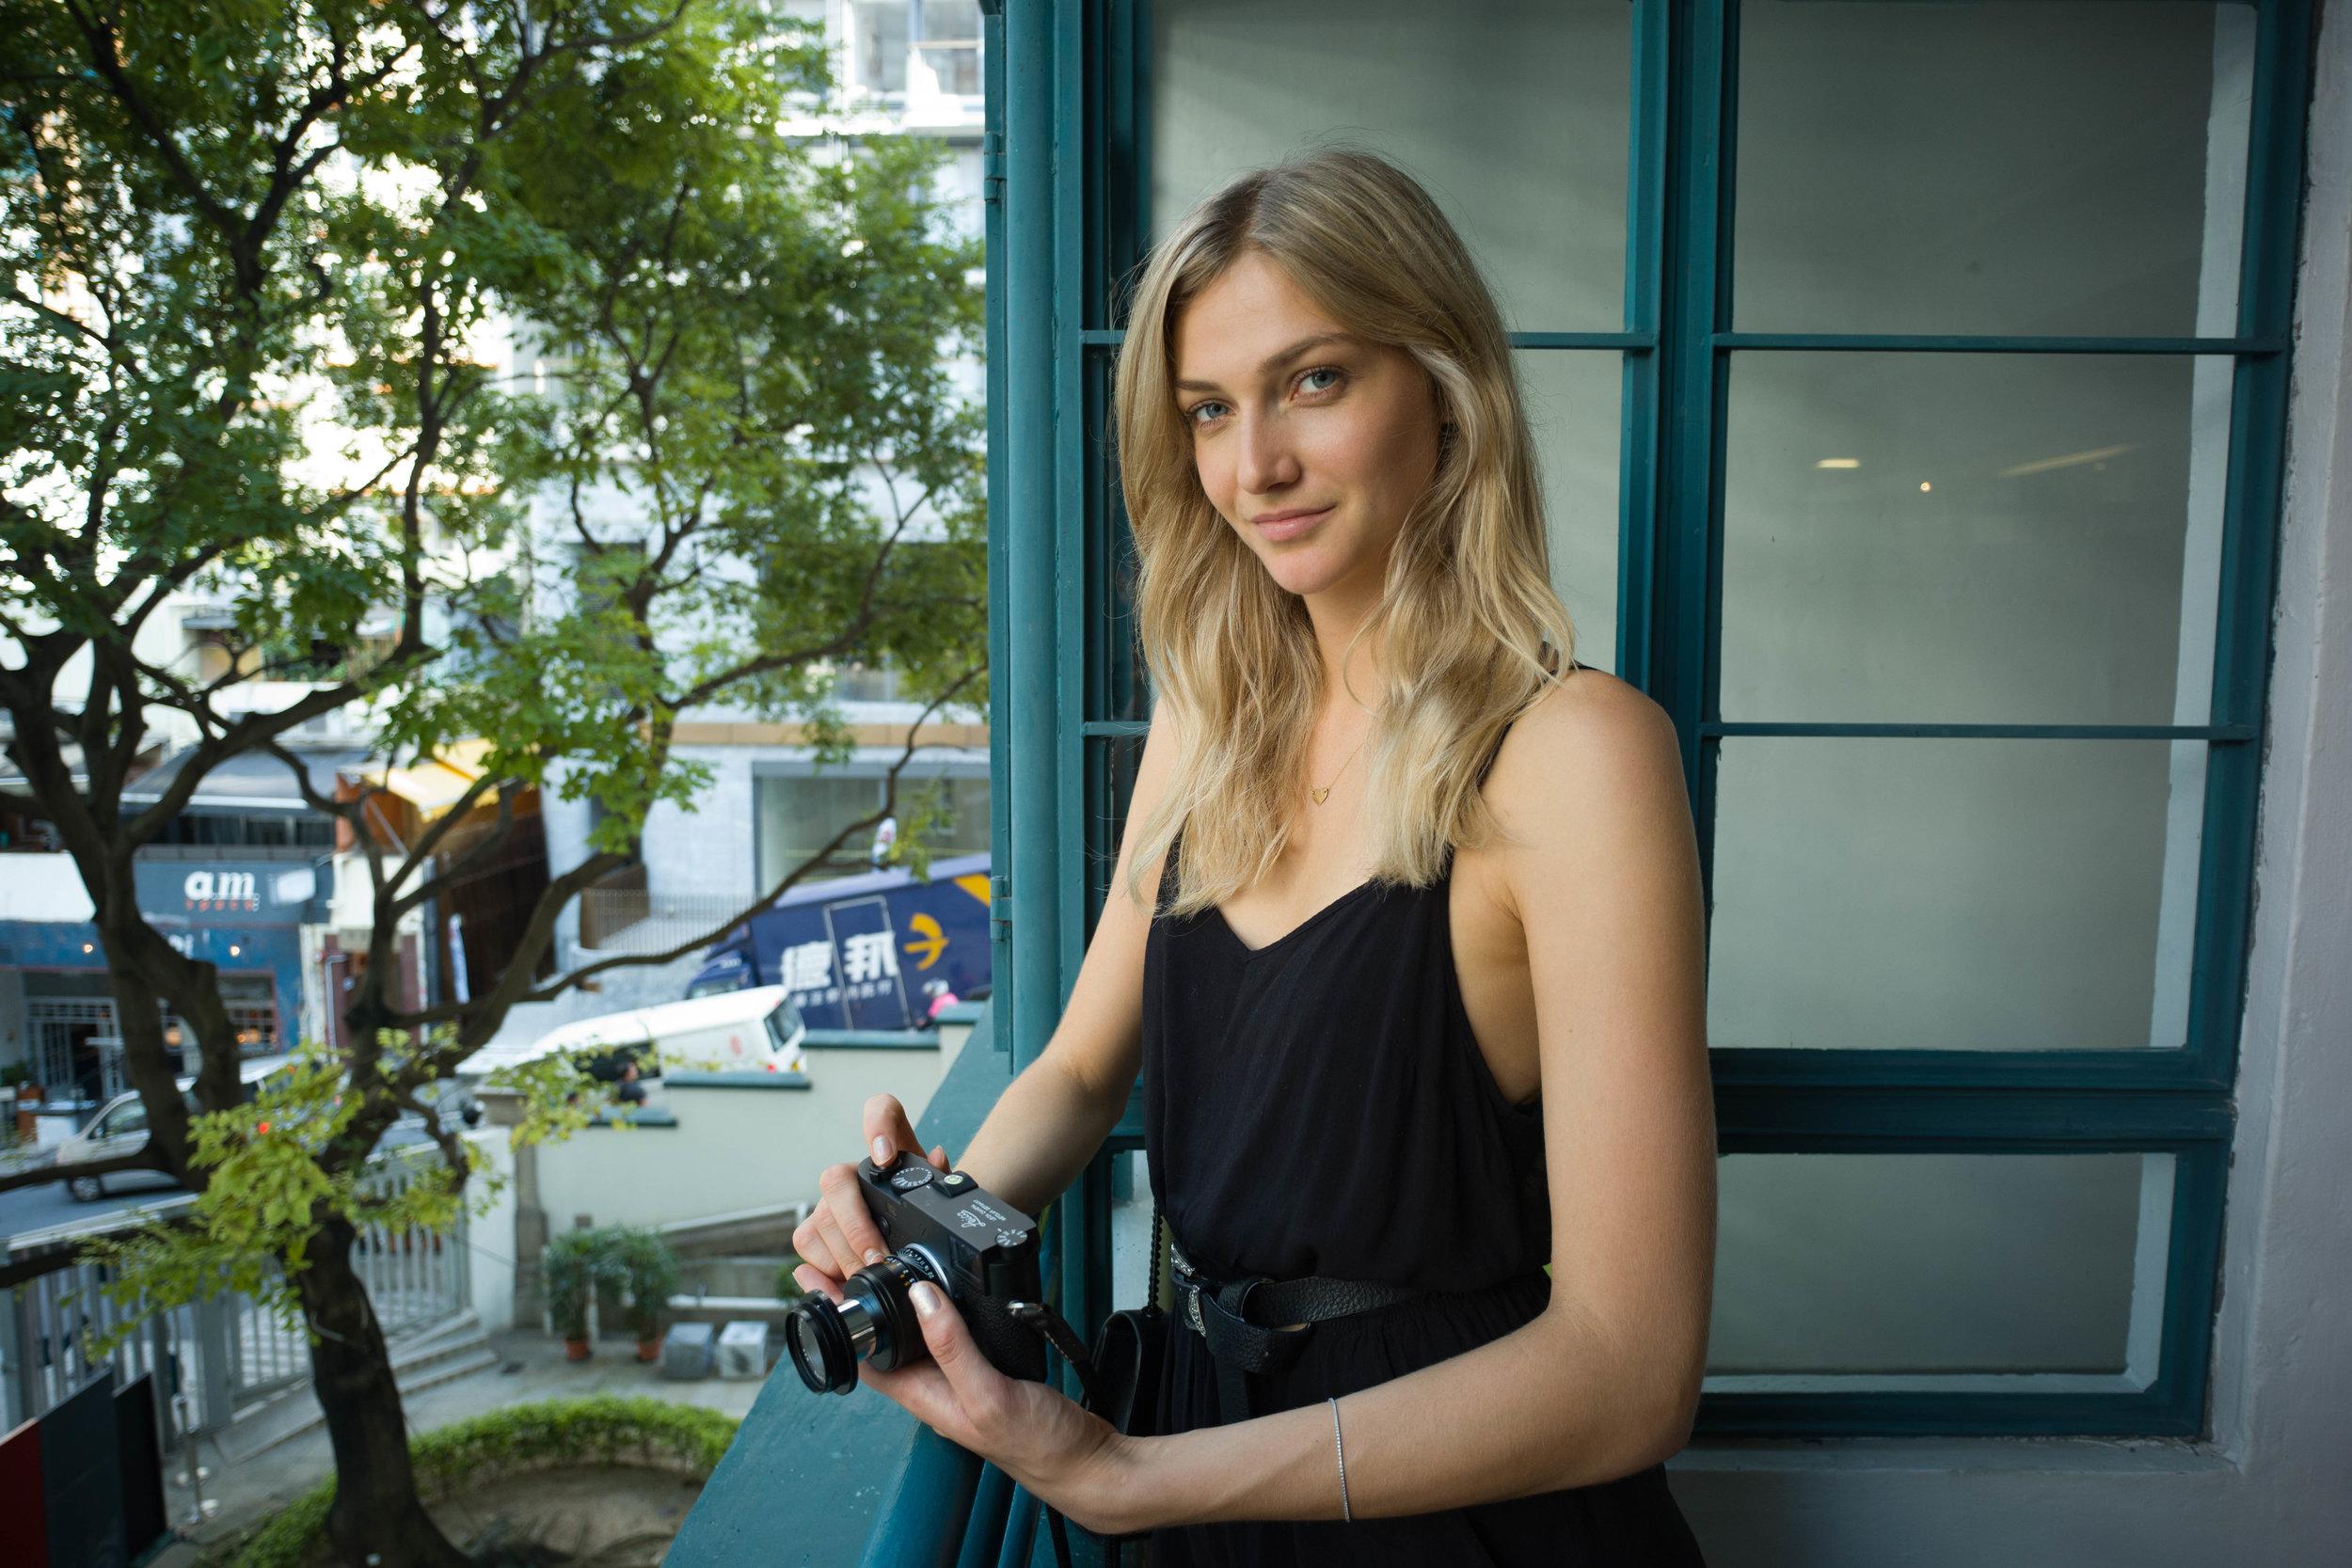 Leica M10-P + Voigtländer 21mm f/4 Color Skopar-M - ISO 800, 1/125s, f/4 - Similar framing